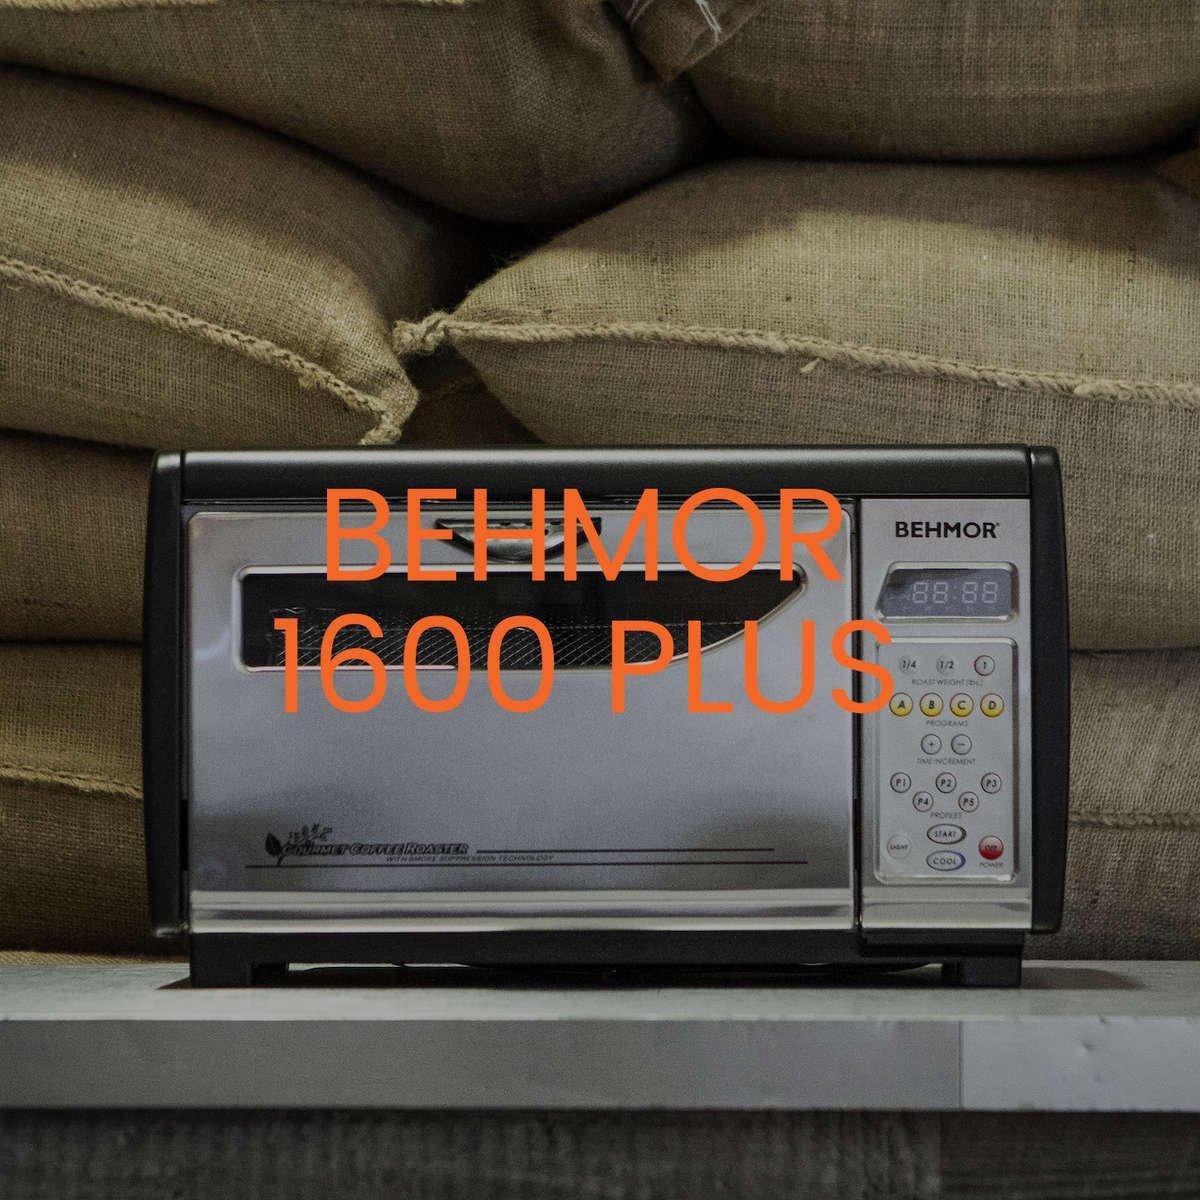 Behmor 1600 Plus